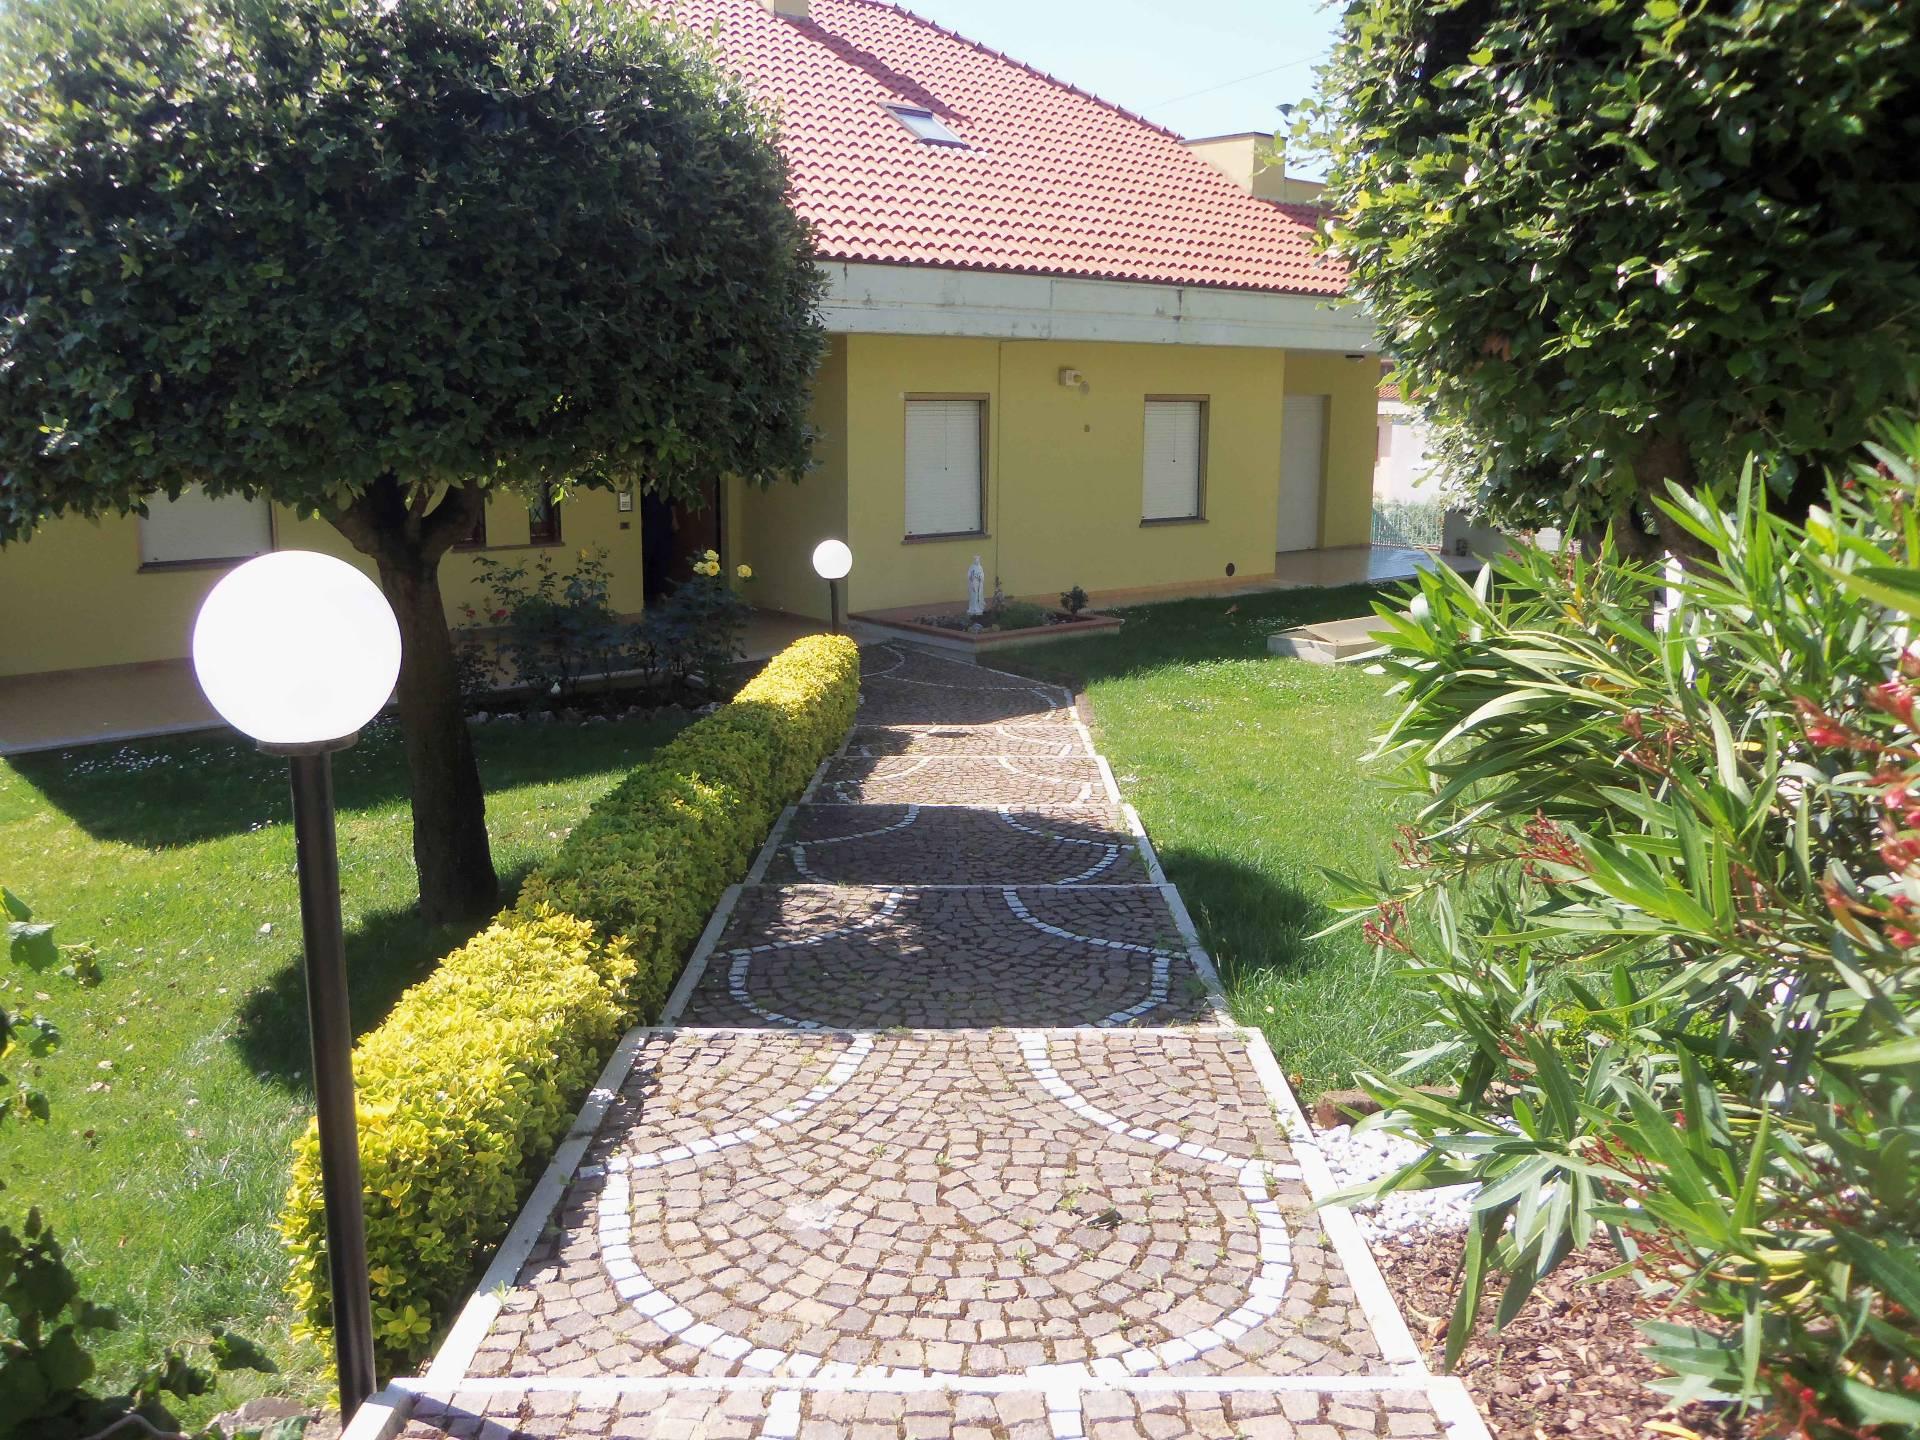 Villa in vendita a Acquaviva Picena, 16 locali, zona Località: Centrale, prezzo € 550.000 | CambioCasa.it